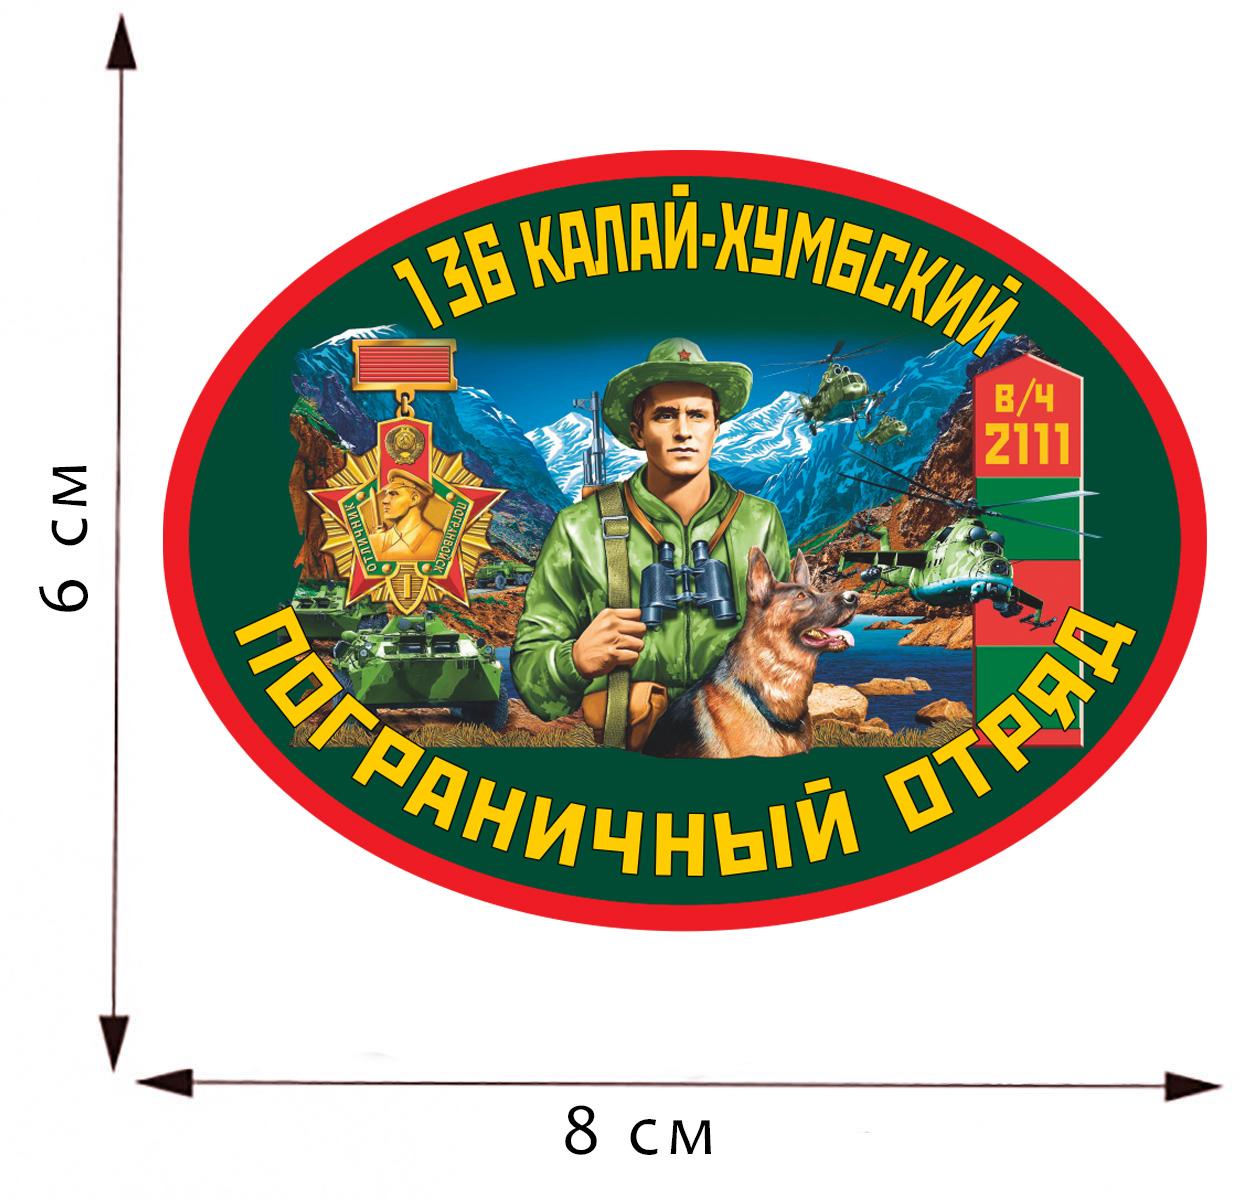 Термоаппликация 136 Калай-Хумбский пограничный отряд